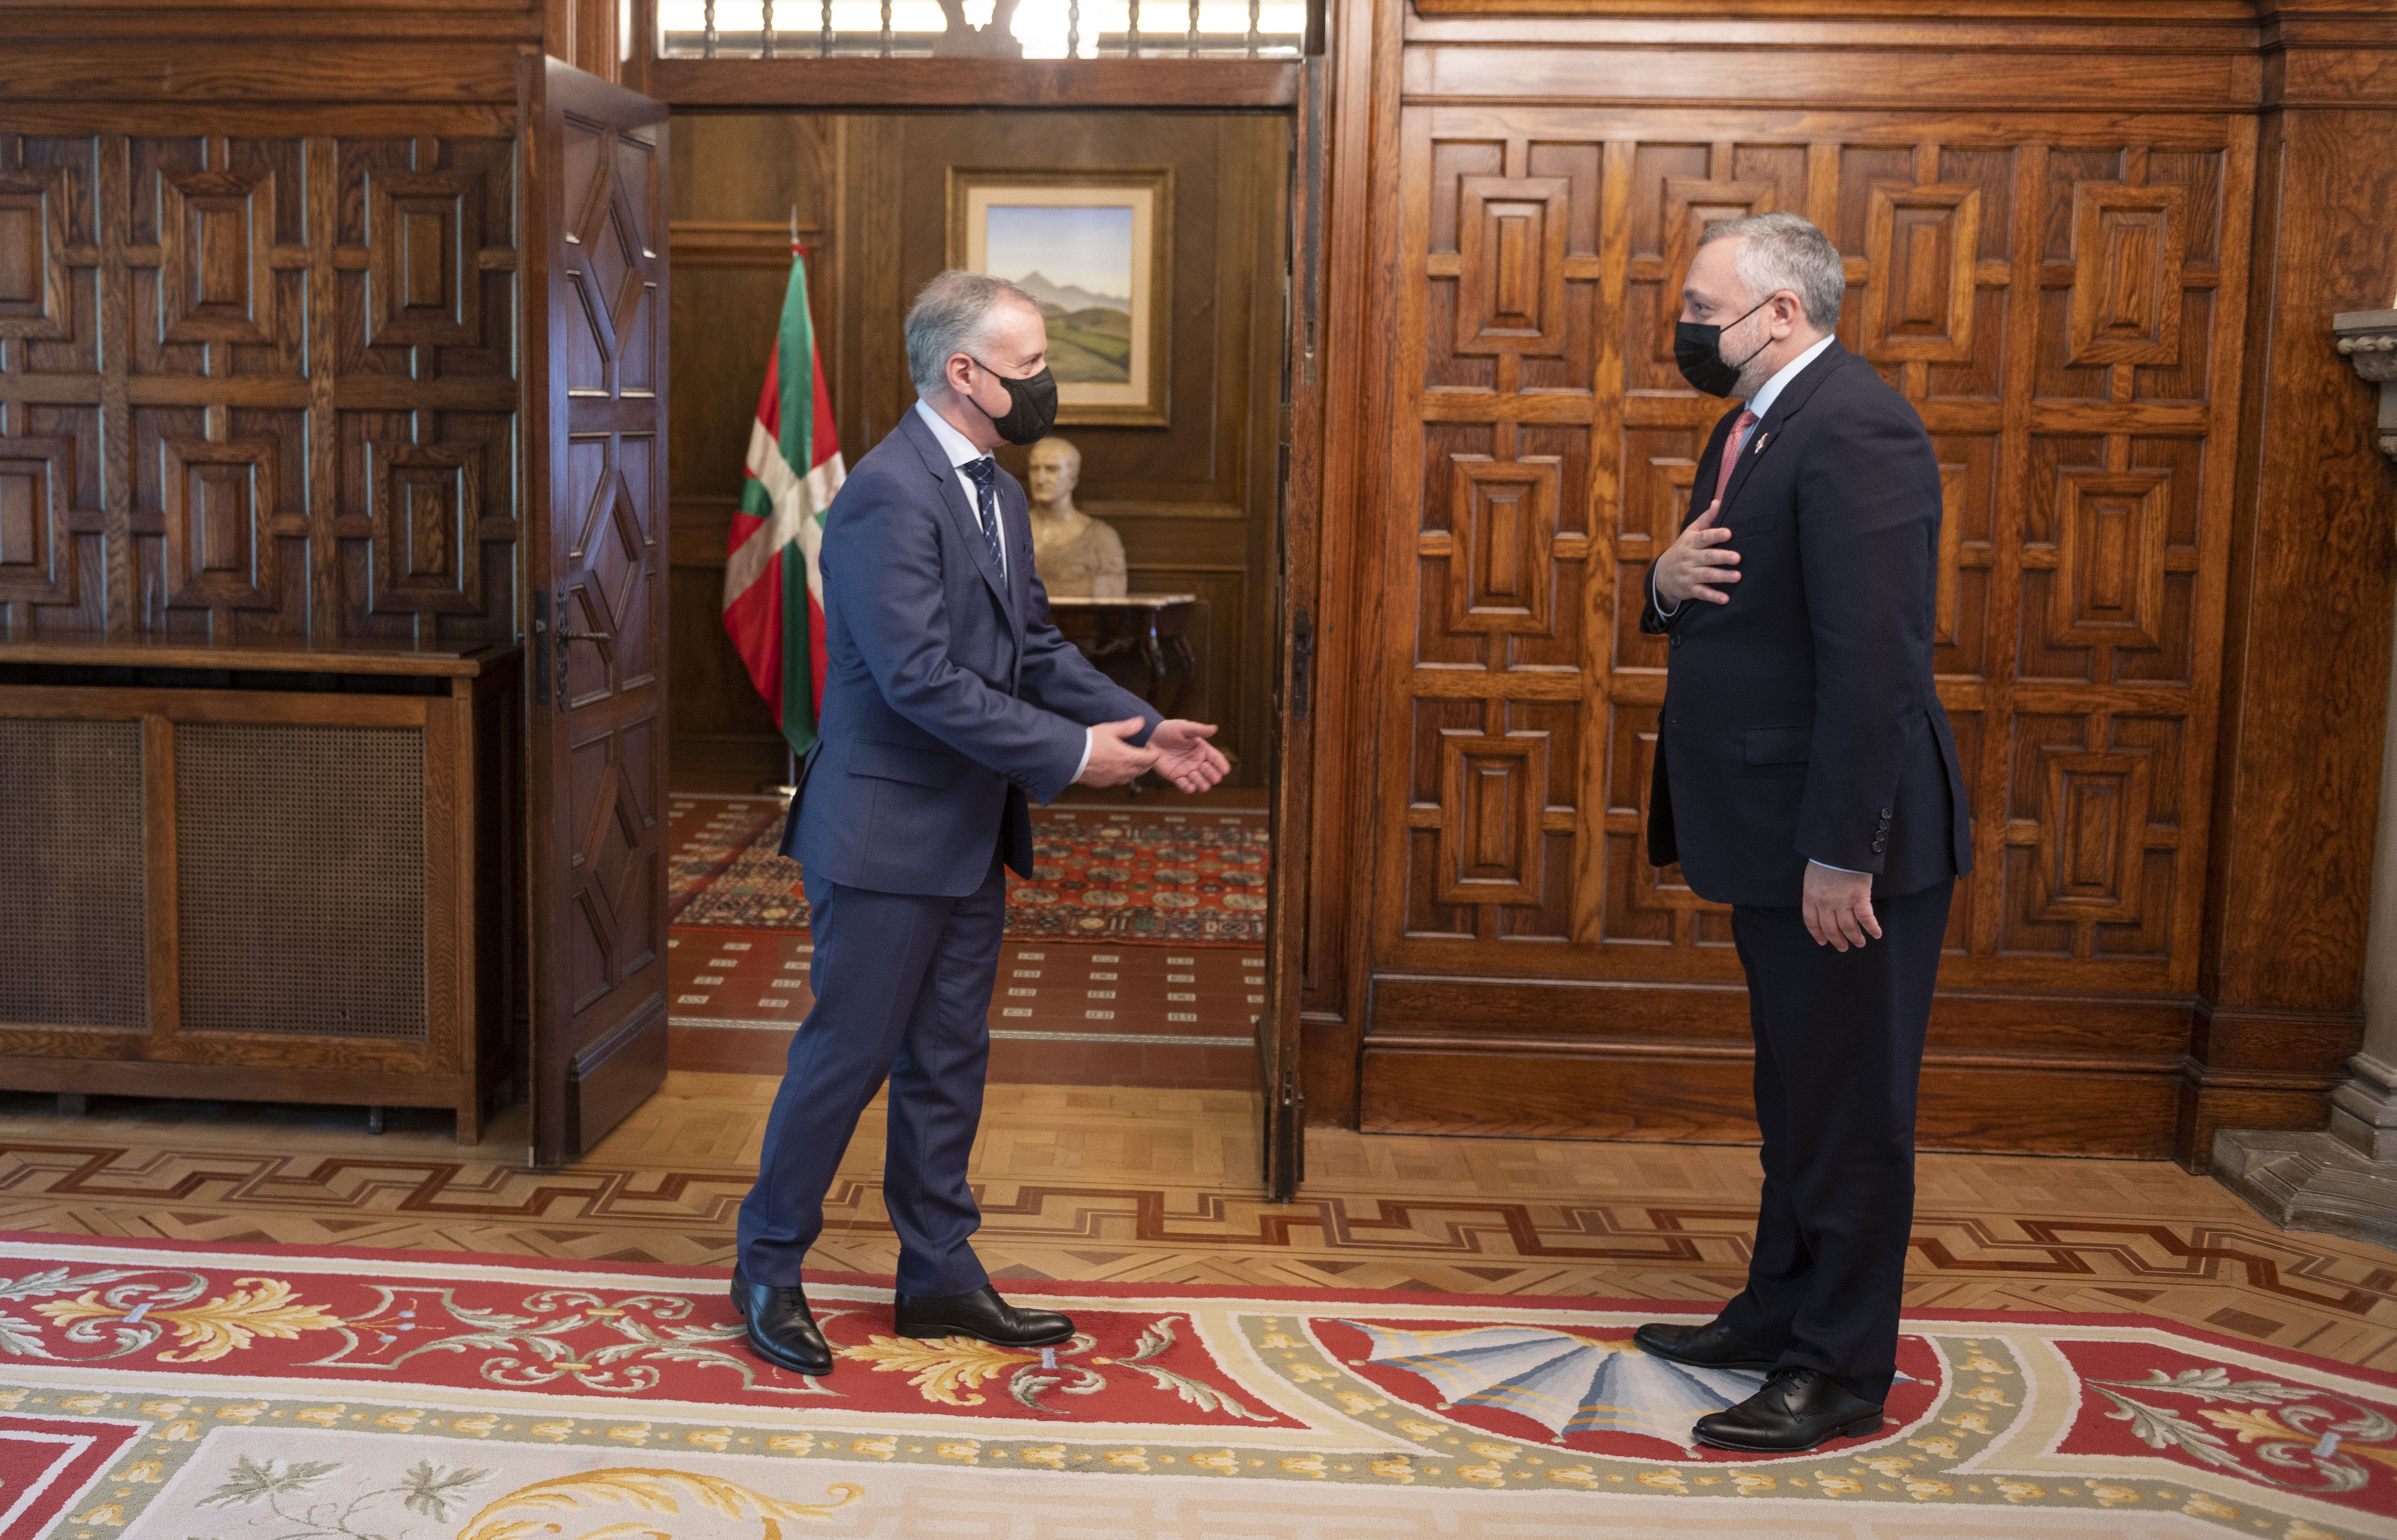 2021_06_16_lhk_embajador_georgia.jpg